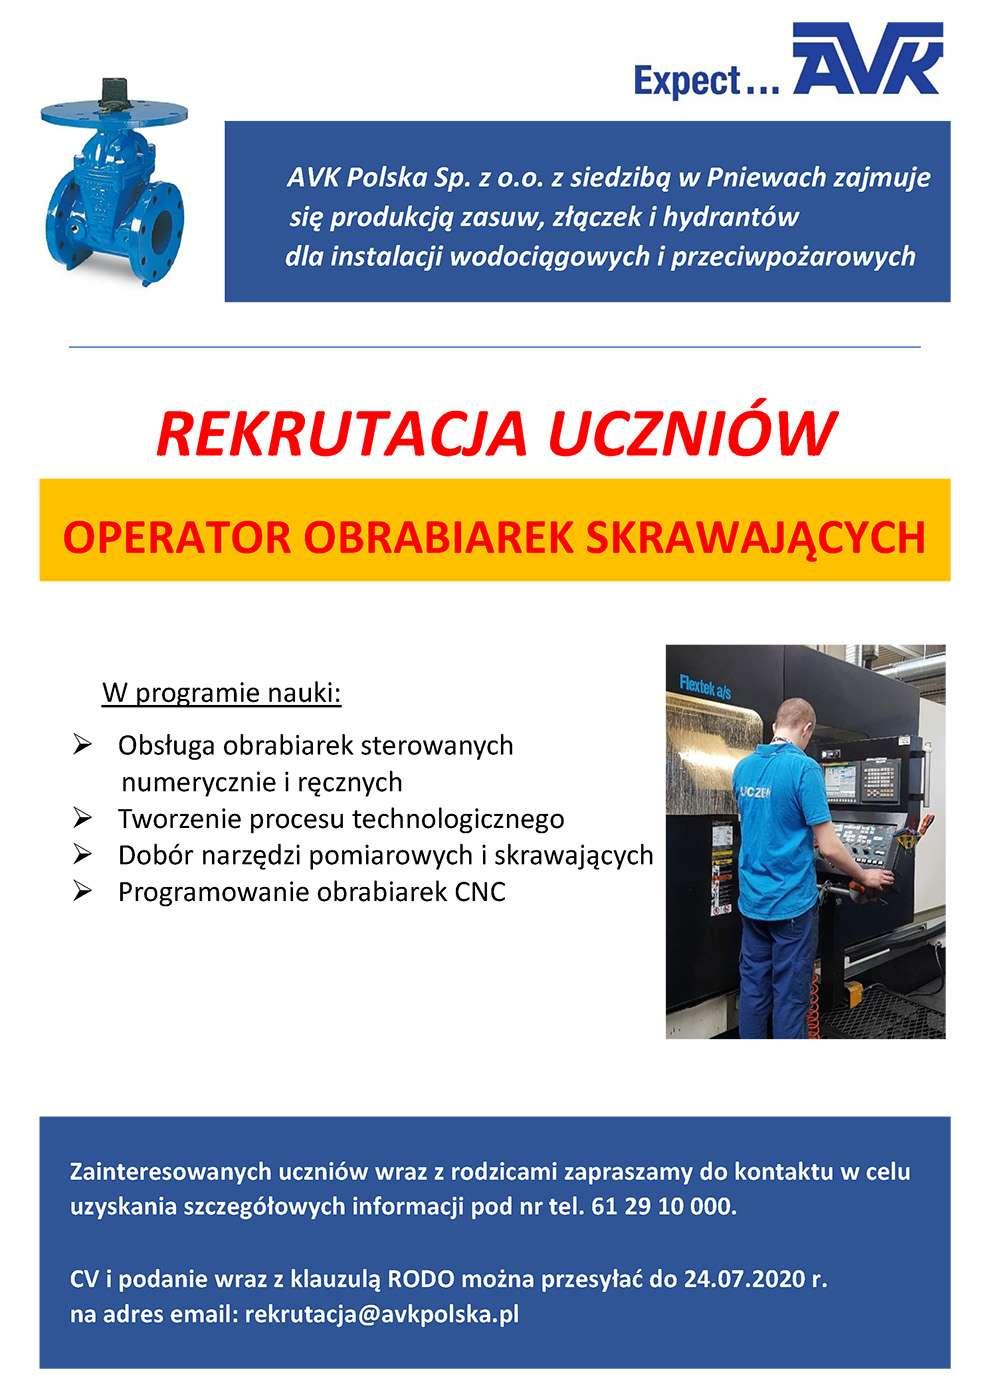 Rekrutacja uczniów – AVK